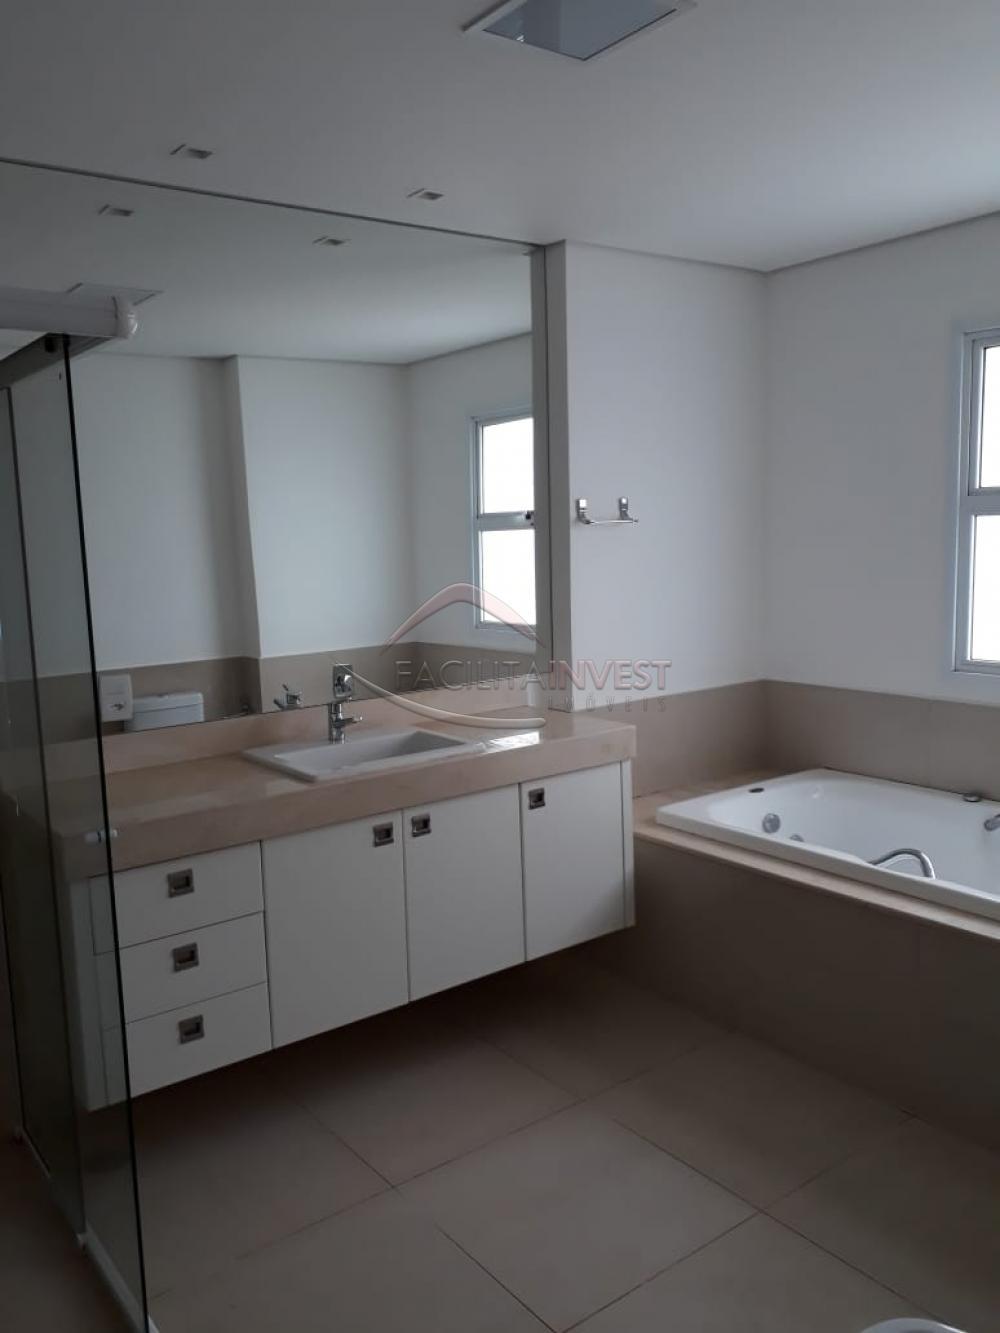 Alugar Apartamentos / Apart. Padrão em Ribeirão Preto apenas R$ 10.000,00 - Foto 11